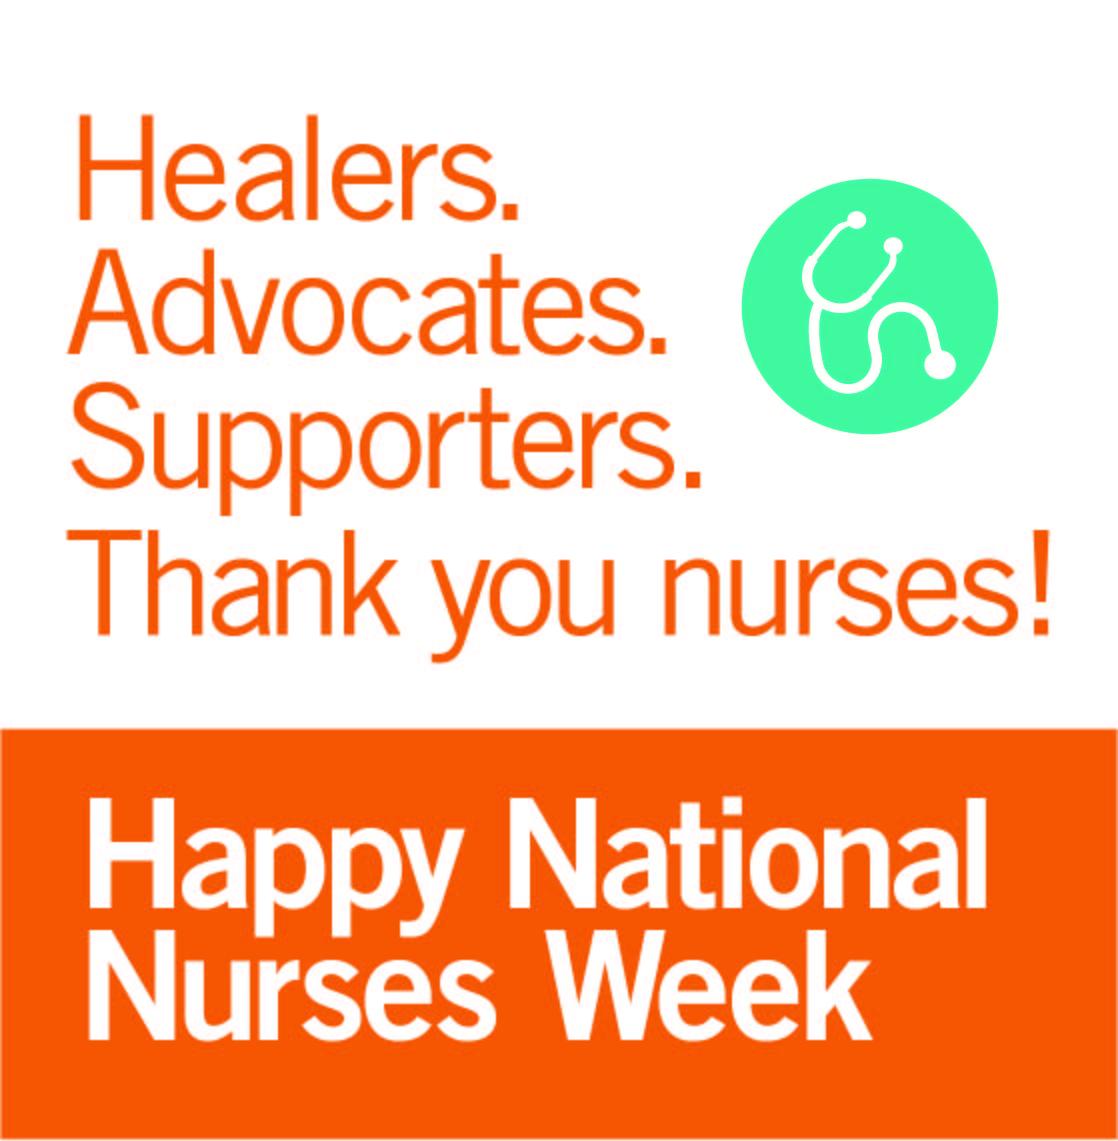 Happy National Nurses Week Imafe